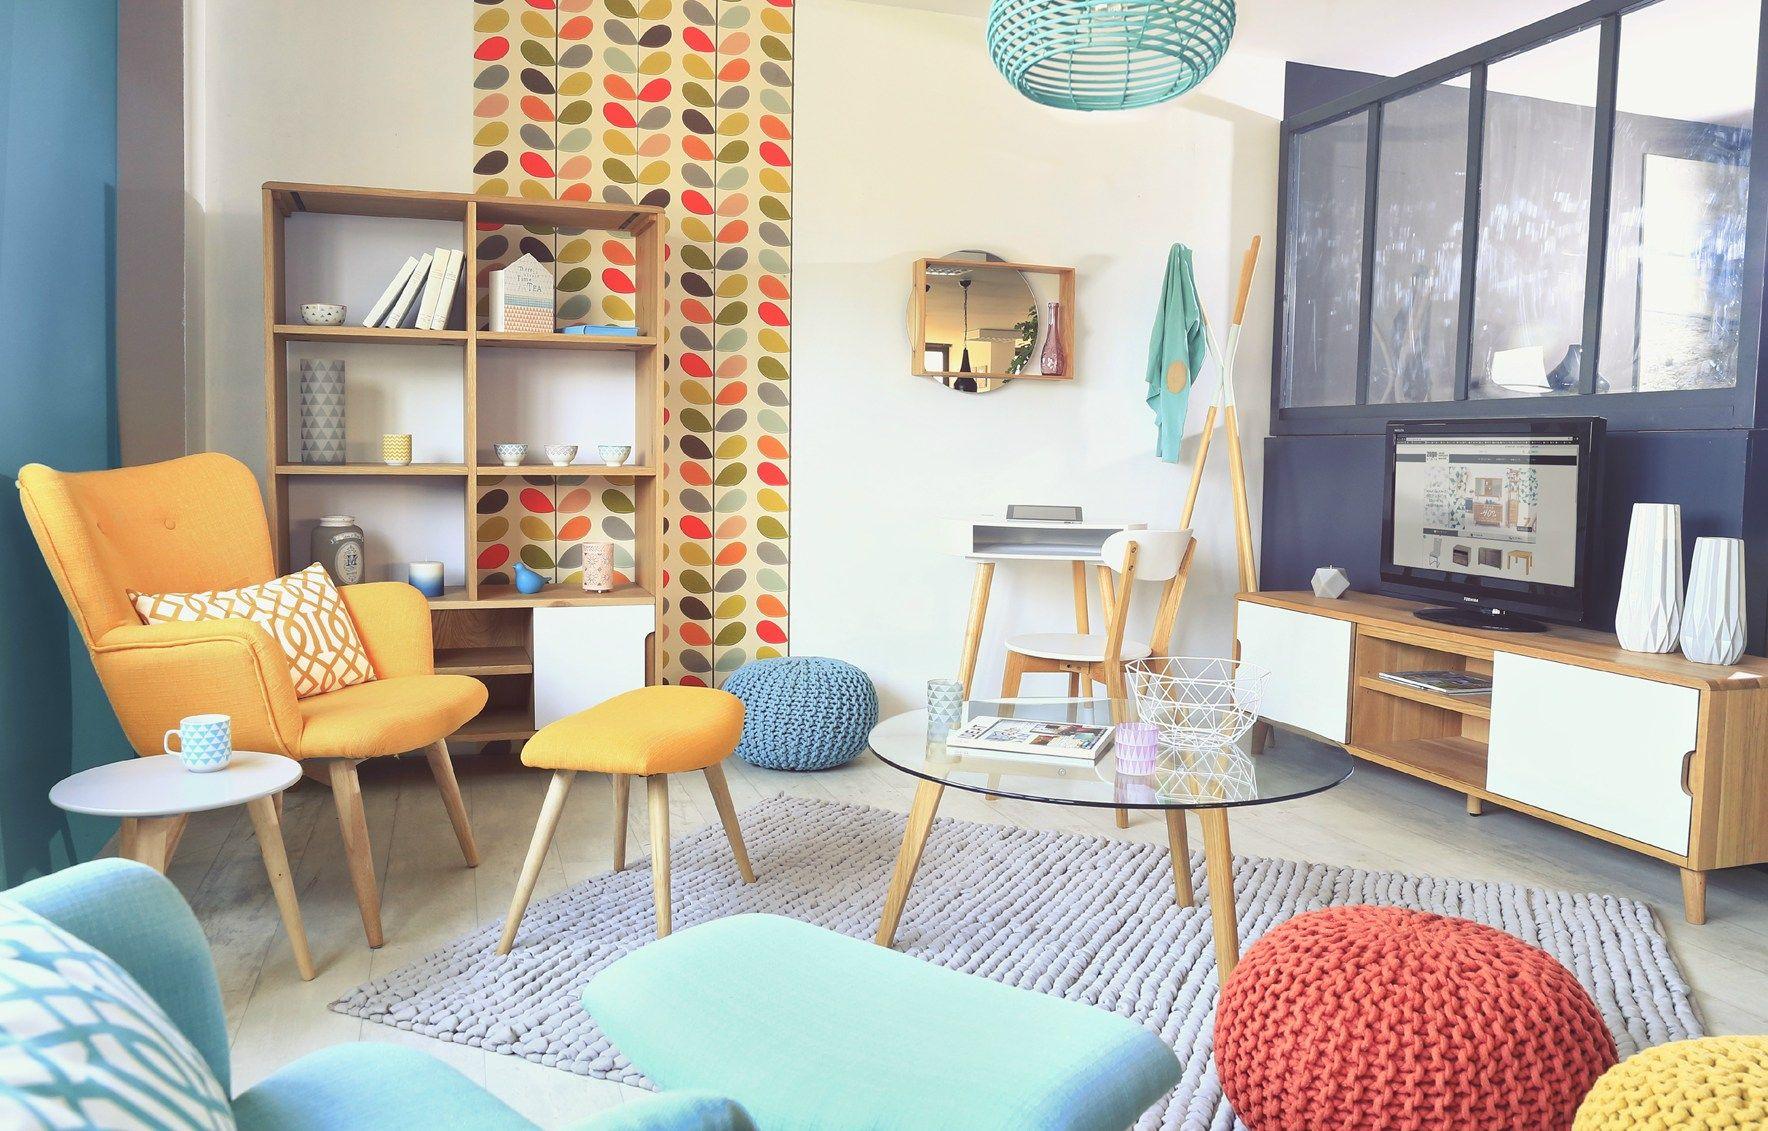 meubles zago au salon m o septembre 2015 une rentr e en trois tendances. Black Bedroom Furniture Sets. Home Design Ideas